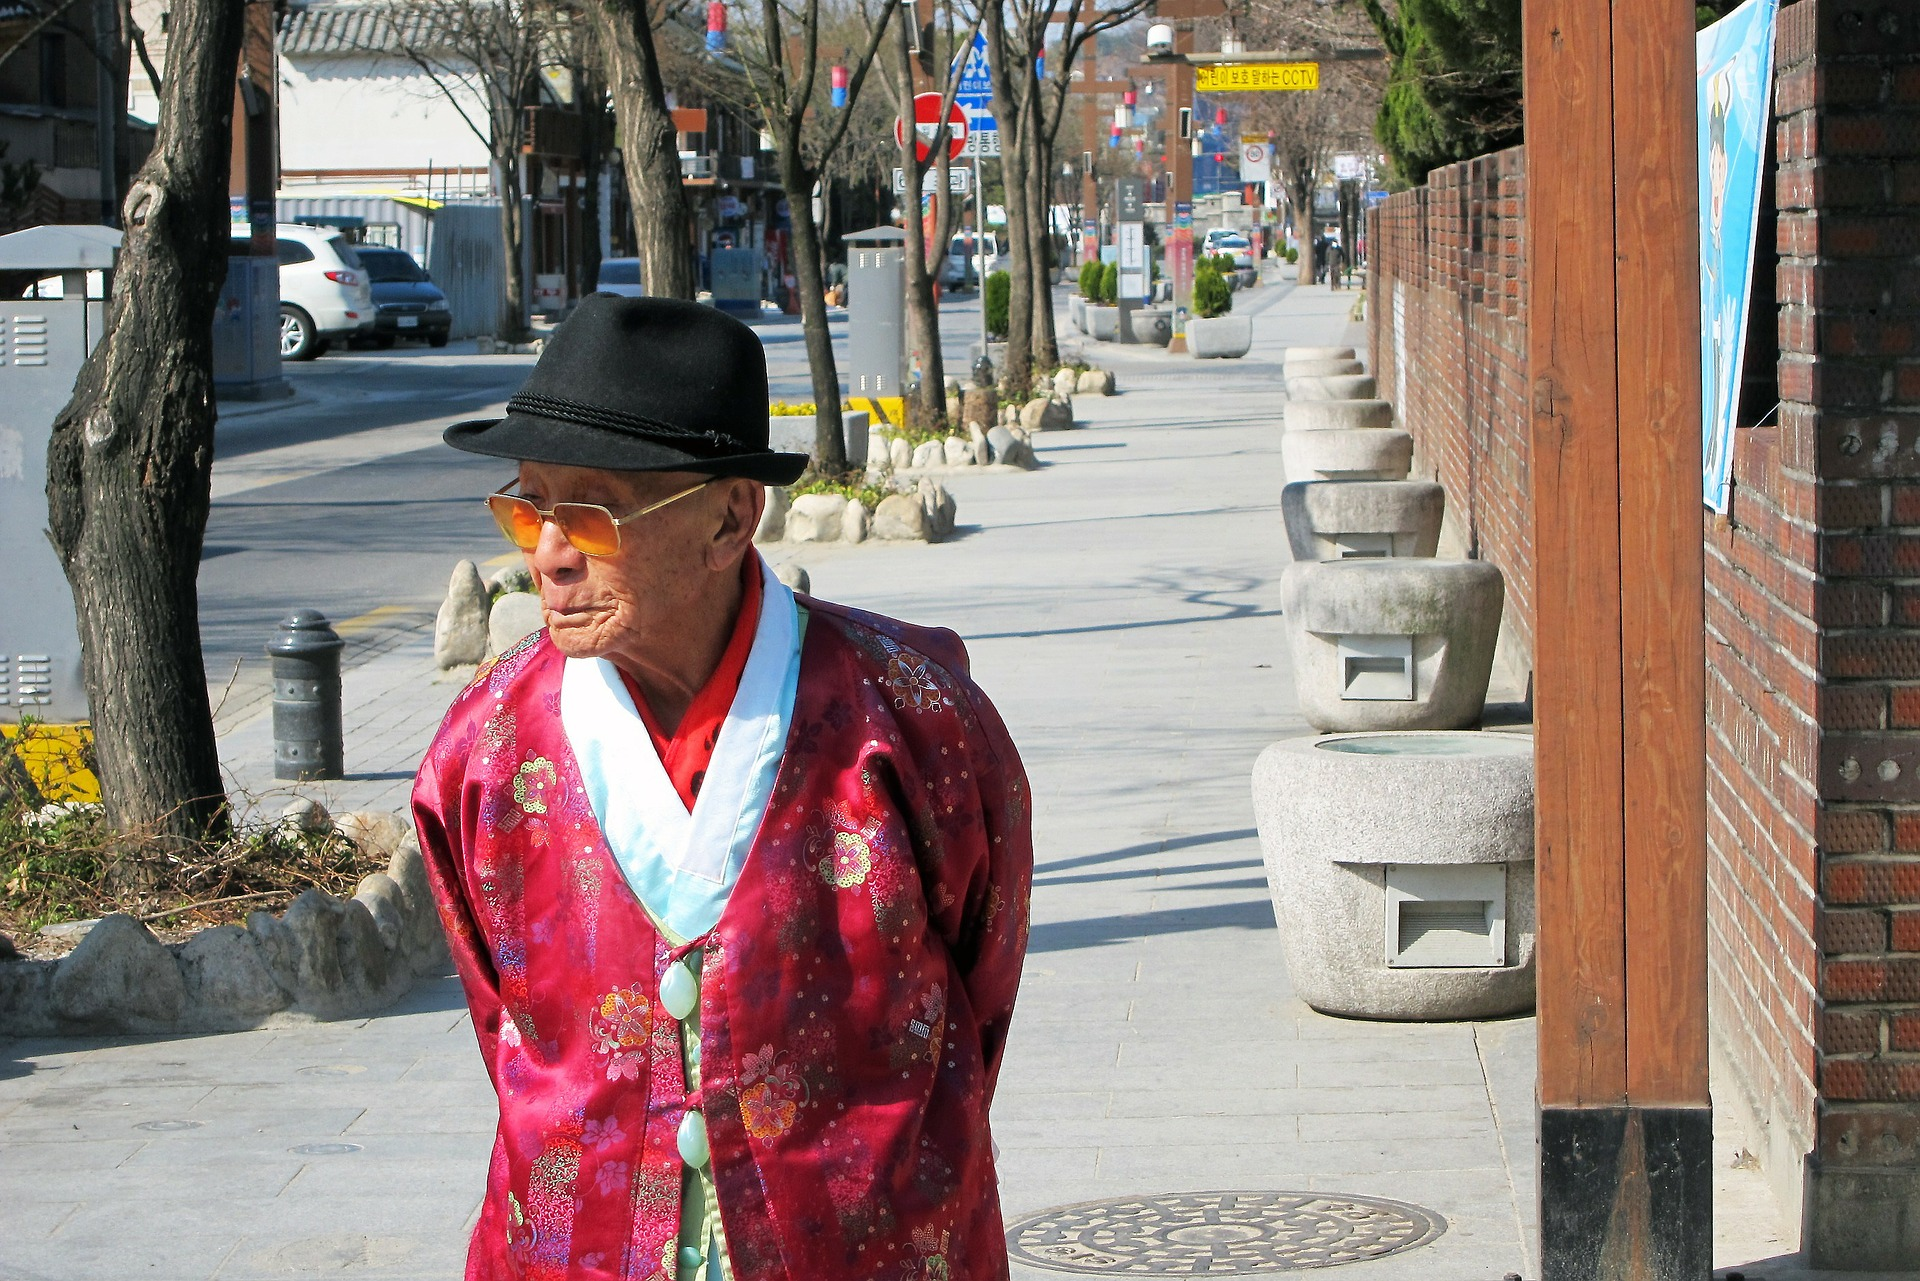 在韓國跟比自己大的人都要說敬語(即使長沒幾歲也是)